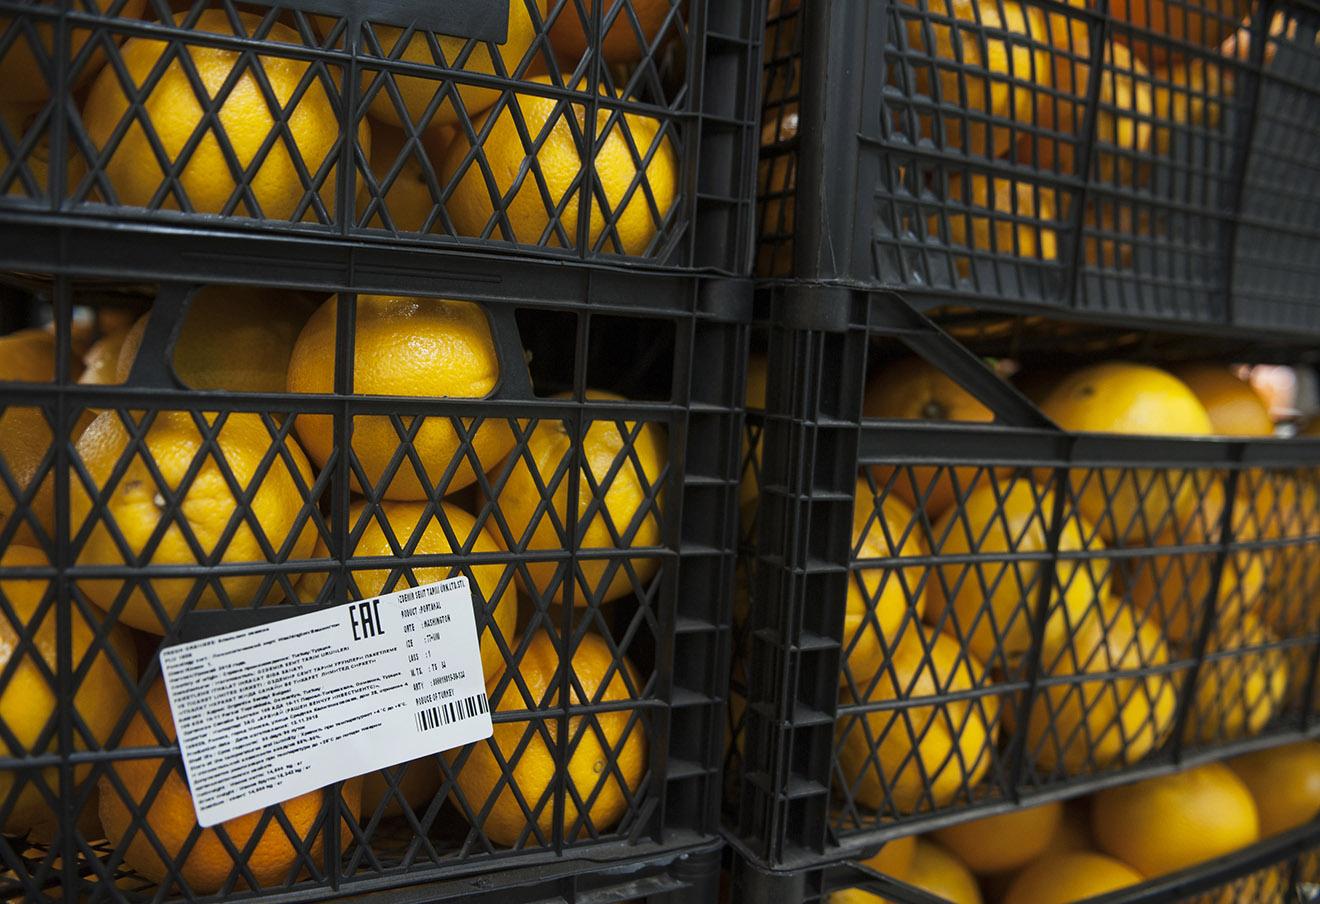 Апельсины турецкого производства в одном из супермаркетов Москвы, 2015 год.